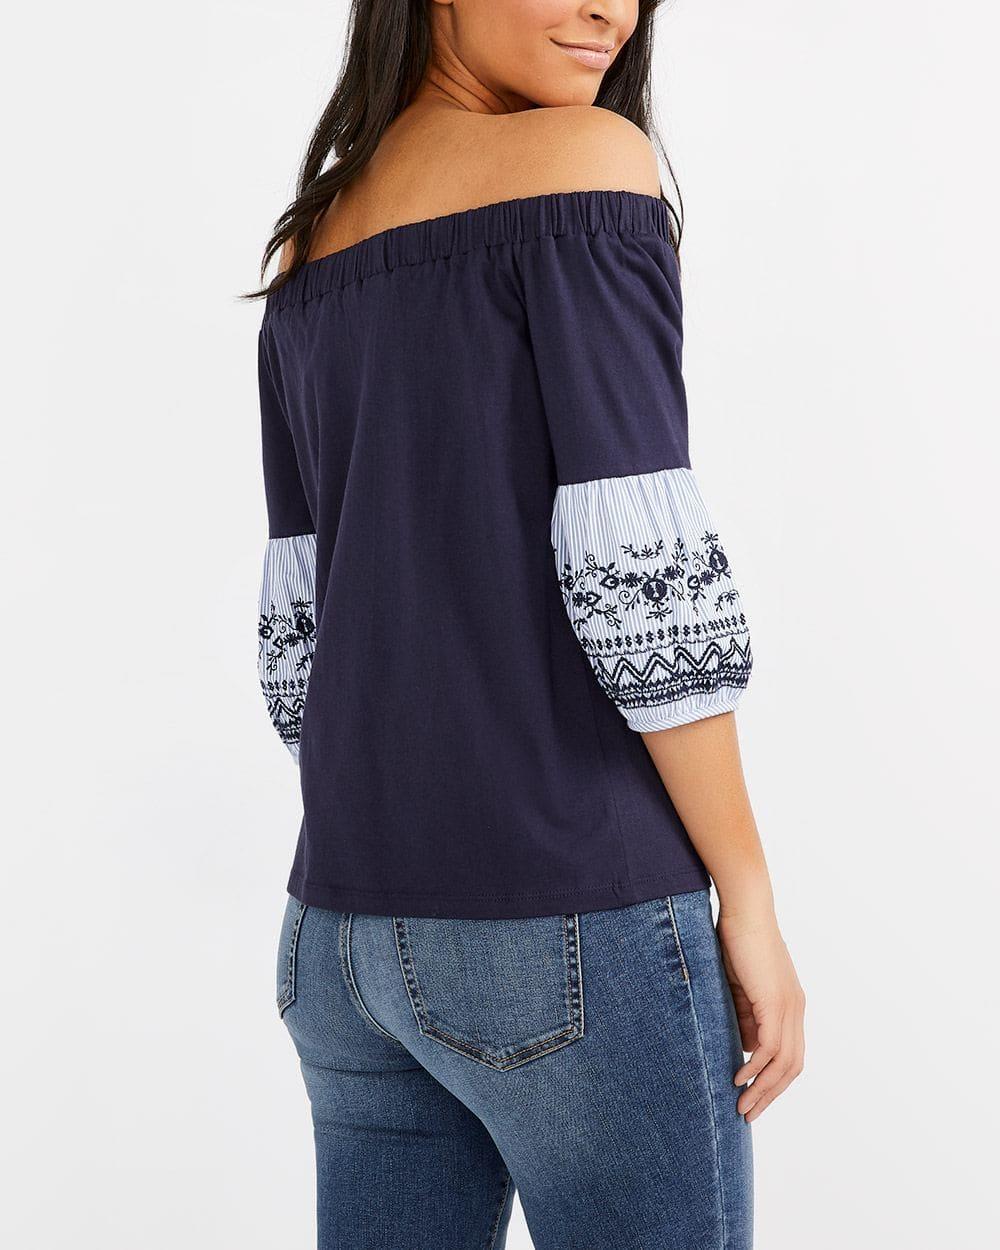 Embroidered Cold-Shoulder Top